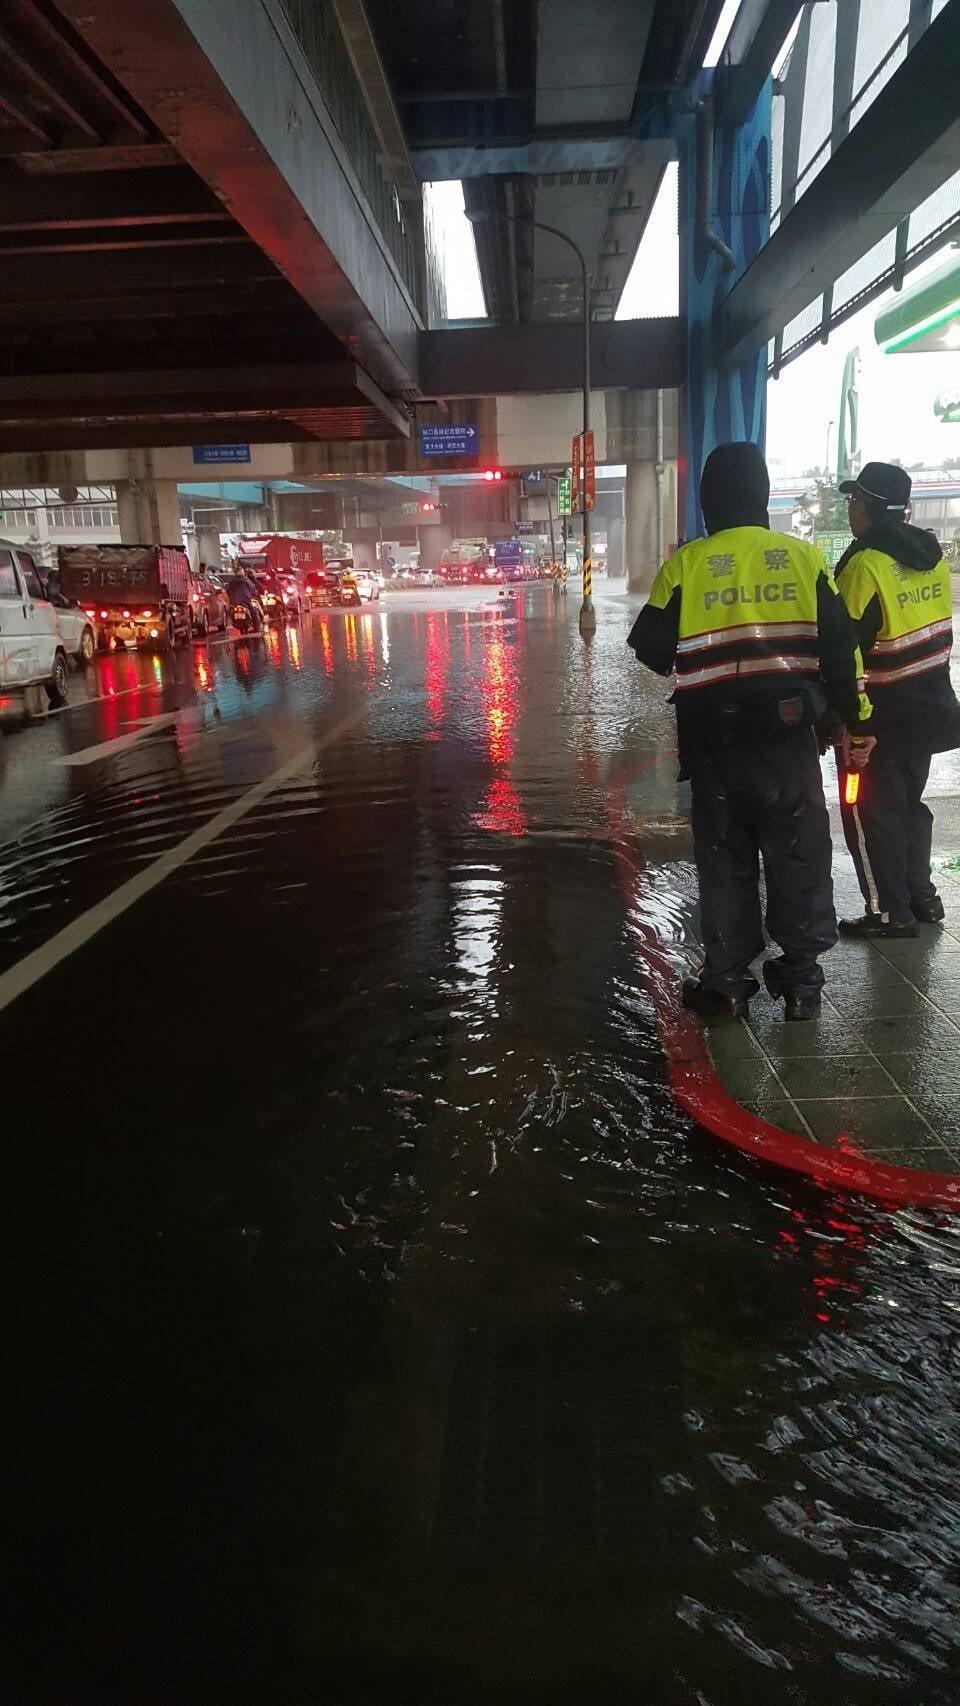 A8站路面積水,警方到場交管。圖/警方提供